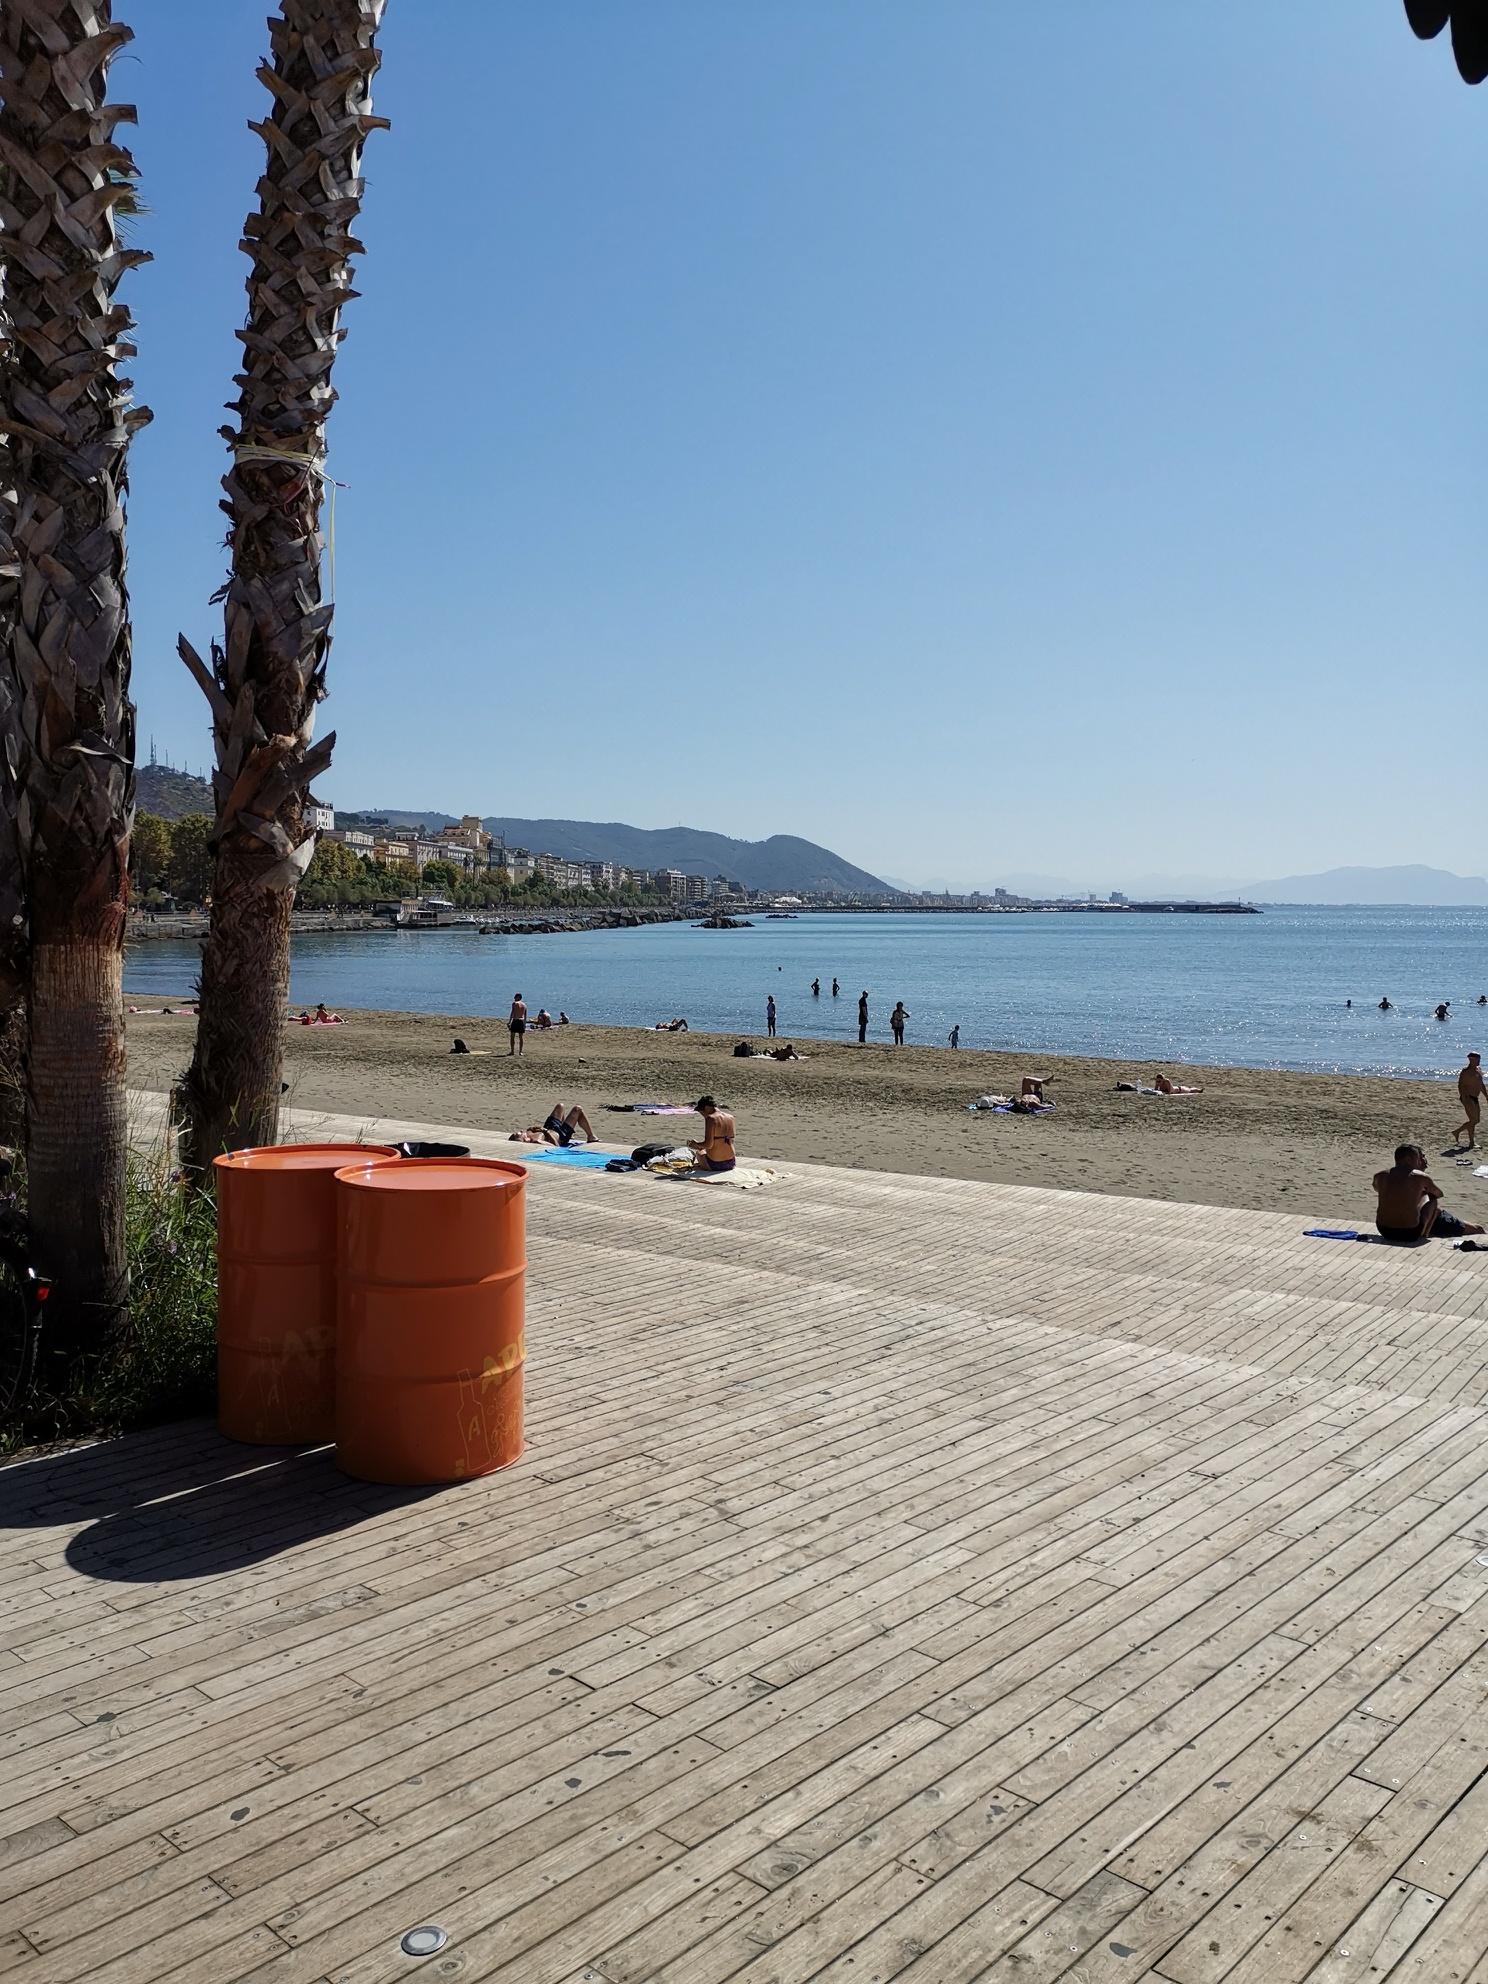 Ferienwohnung  (2684726), Salerno, Salerno, Kampanien, Italien, Bild 31